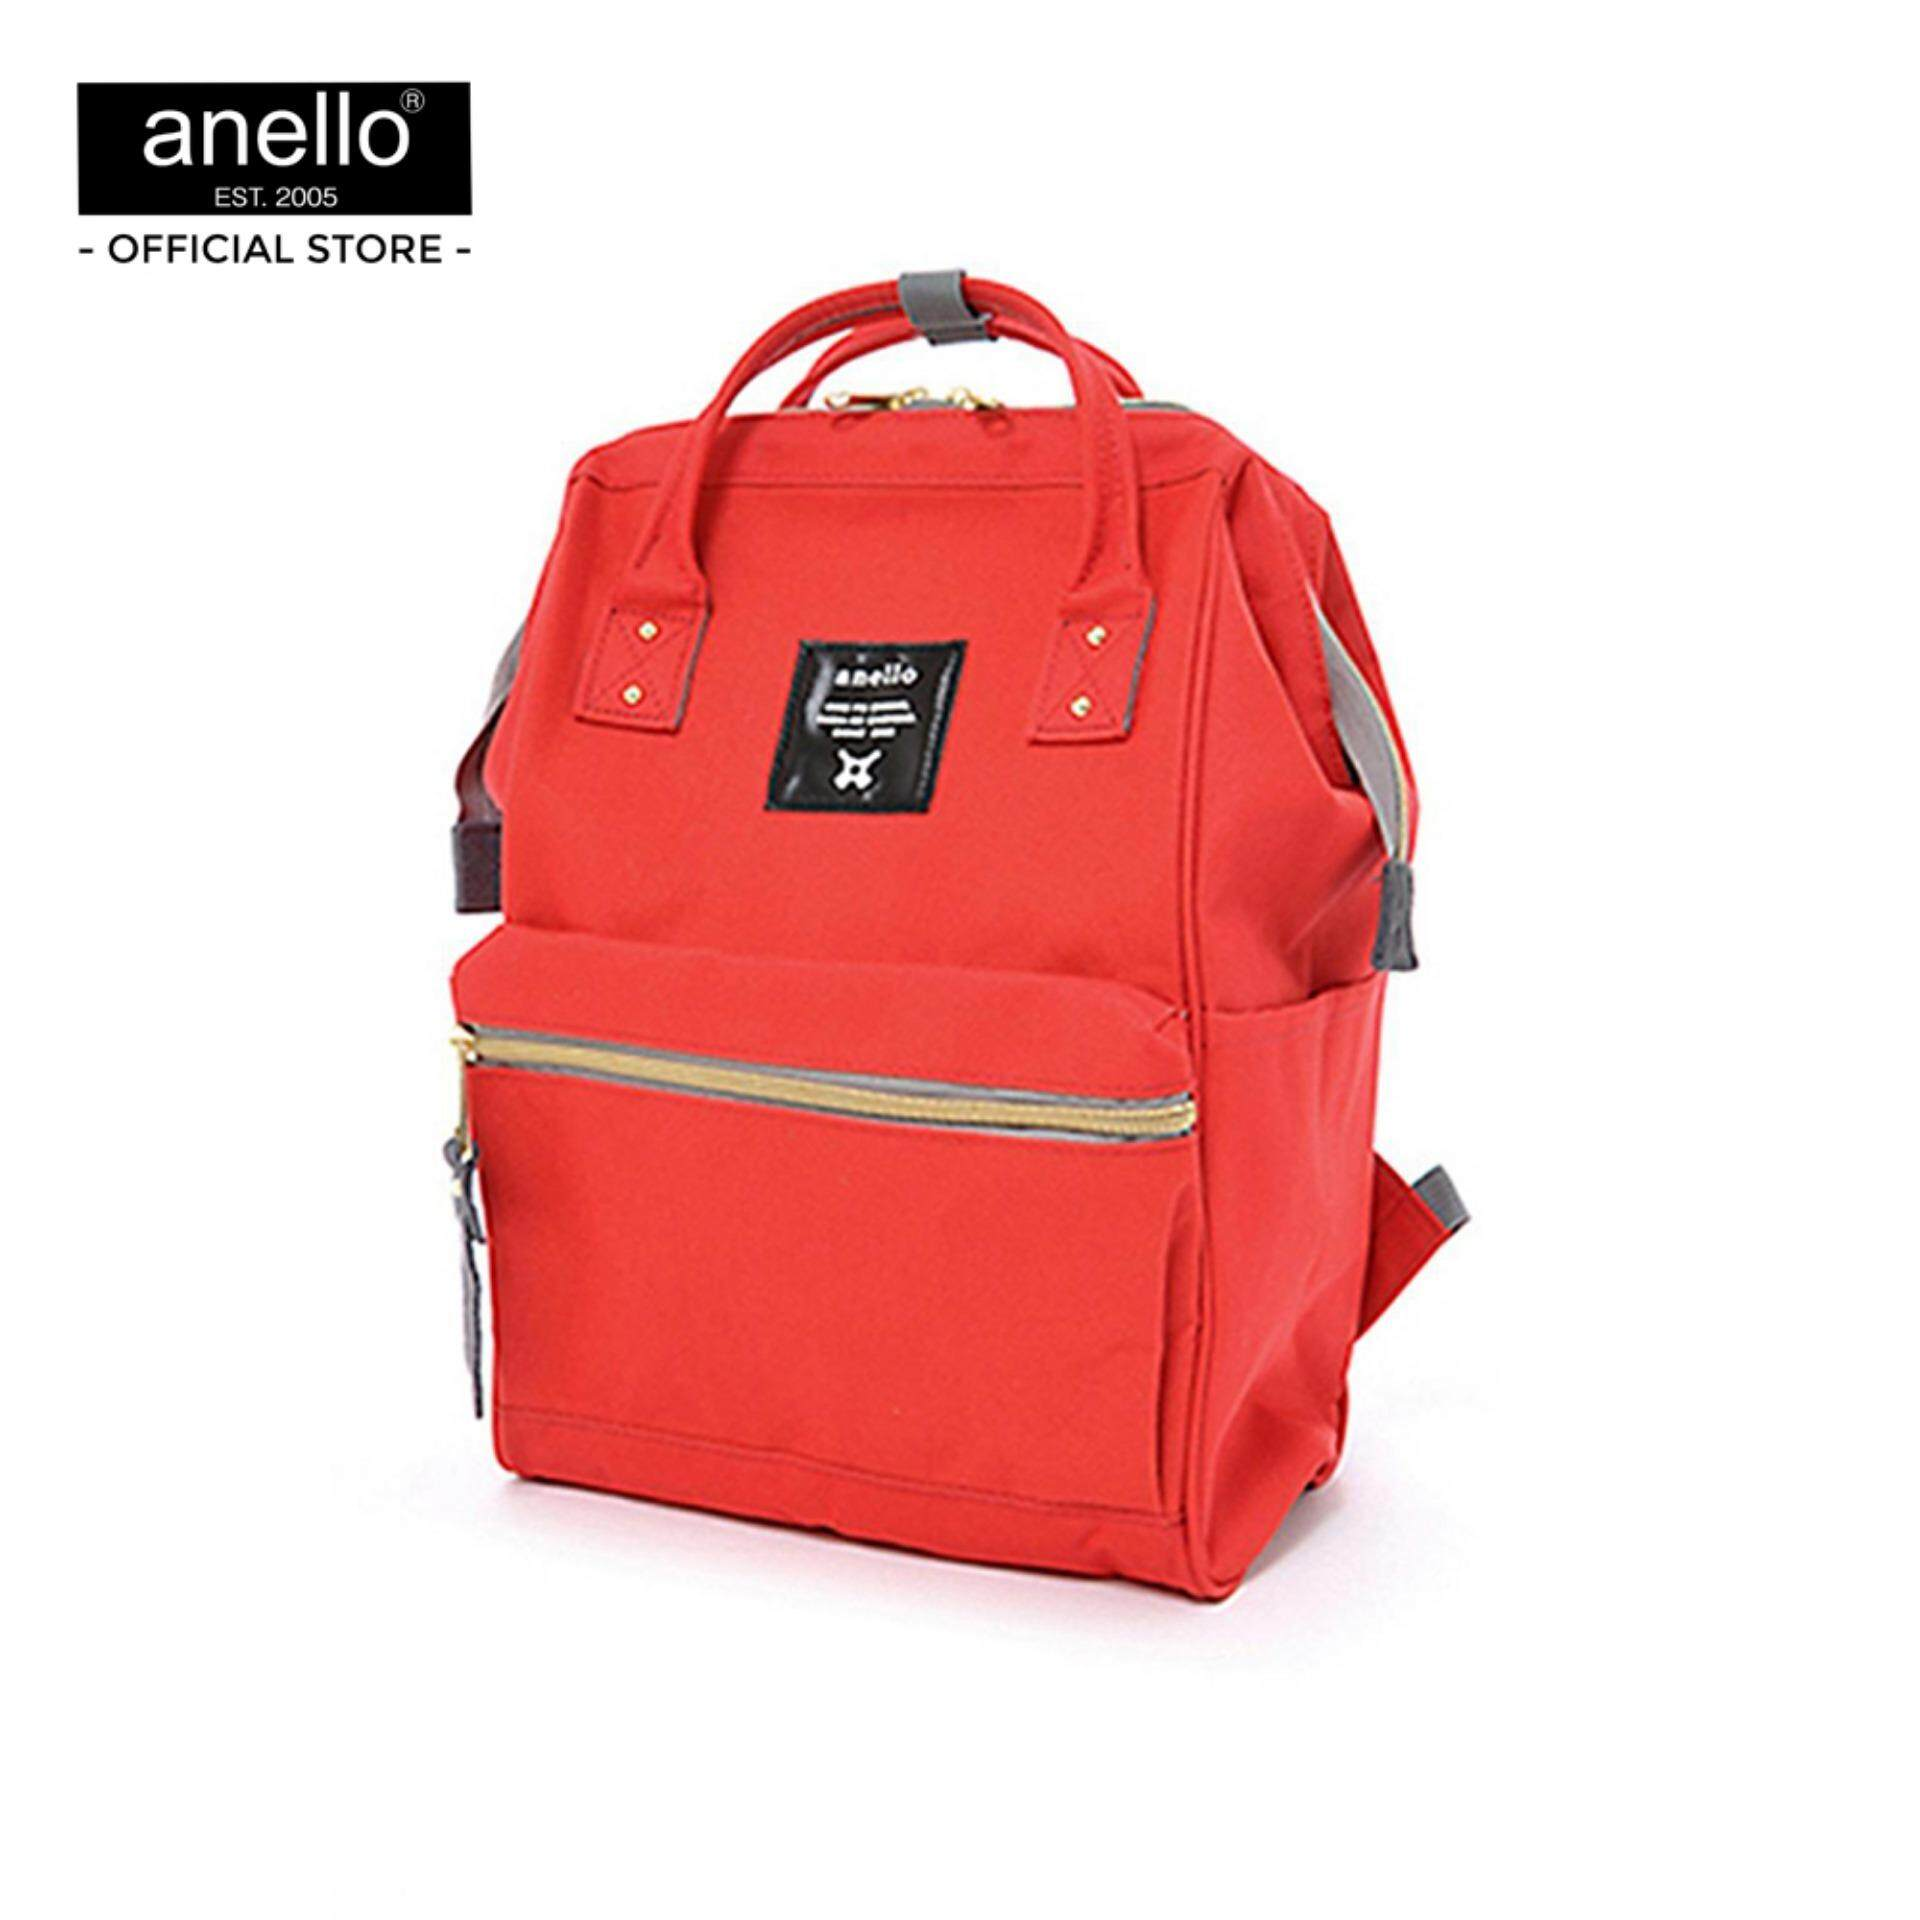 การใช้งาน  พังงา anello กระเป๋า Mini Backpack_AT-B0197B